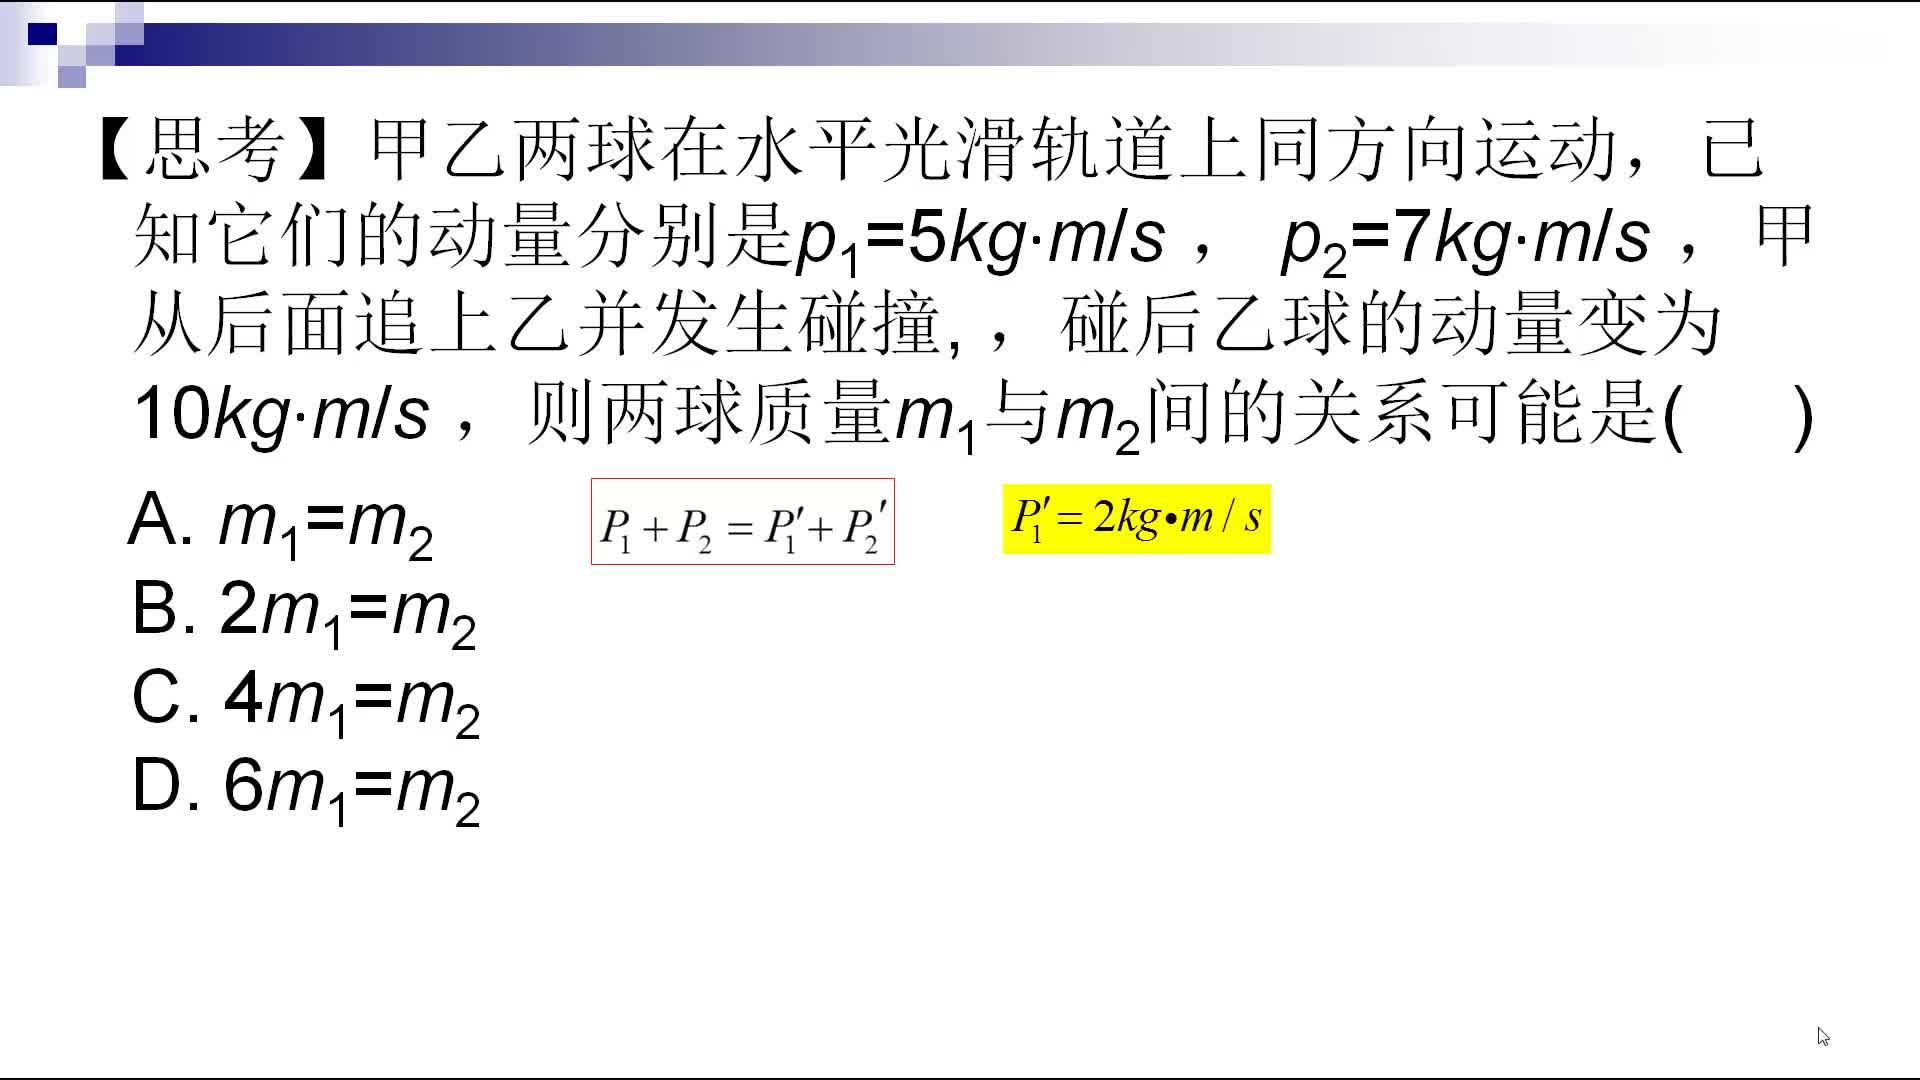 人教版高中物理3-5 第十六章《動量守恒定律》-碰撞中的規律(微課視頻)